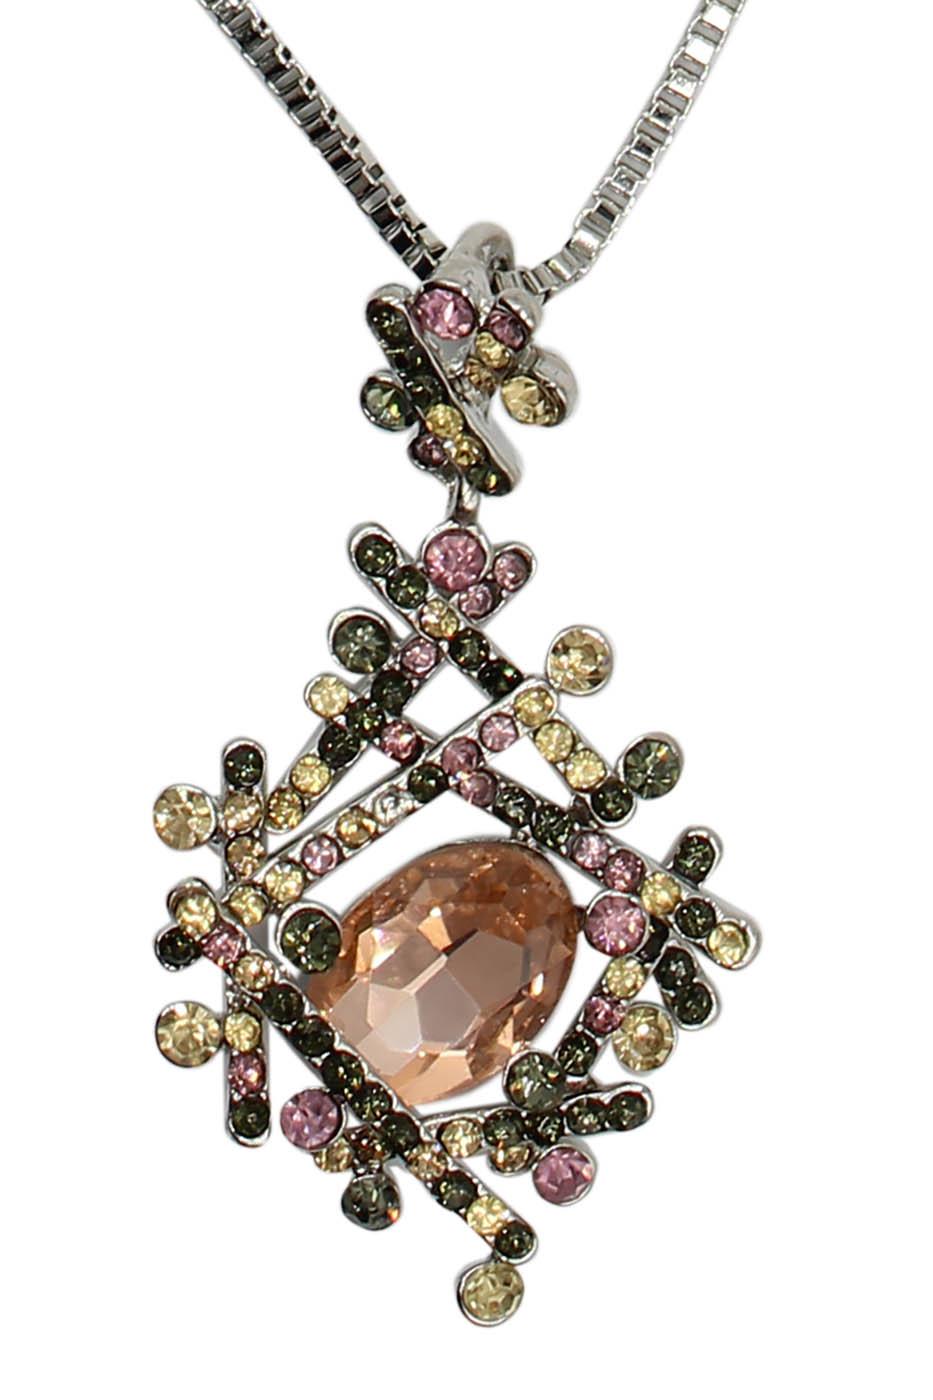 Колье Taya, цвет: серебристый, розовый. T-B-12513-NECK-SL.ROSET-B-12513-NECK-SL.ROSEЭлегантная некрупная подвеска со стразами пастельных оттенков словно собрана крест-на-крест. Размеры: длина 80 см плюс удлинение 7,0 см., подвеска 5,0 х 2,5 см